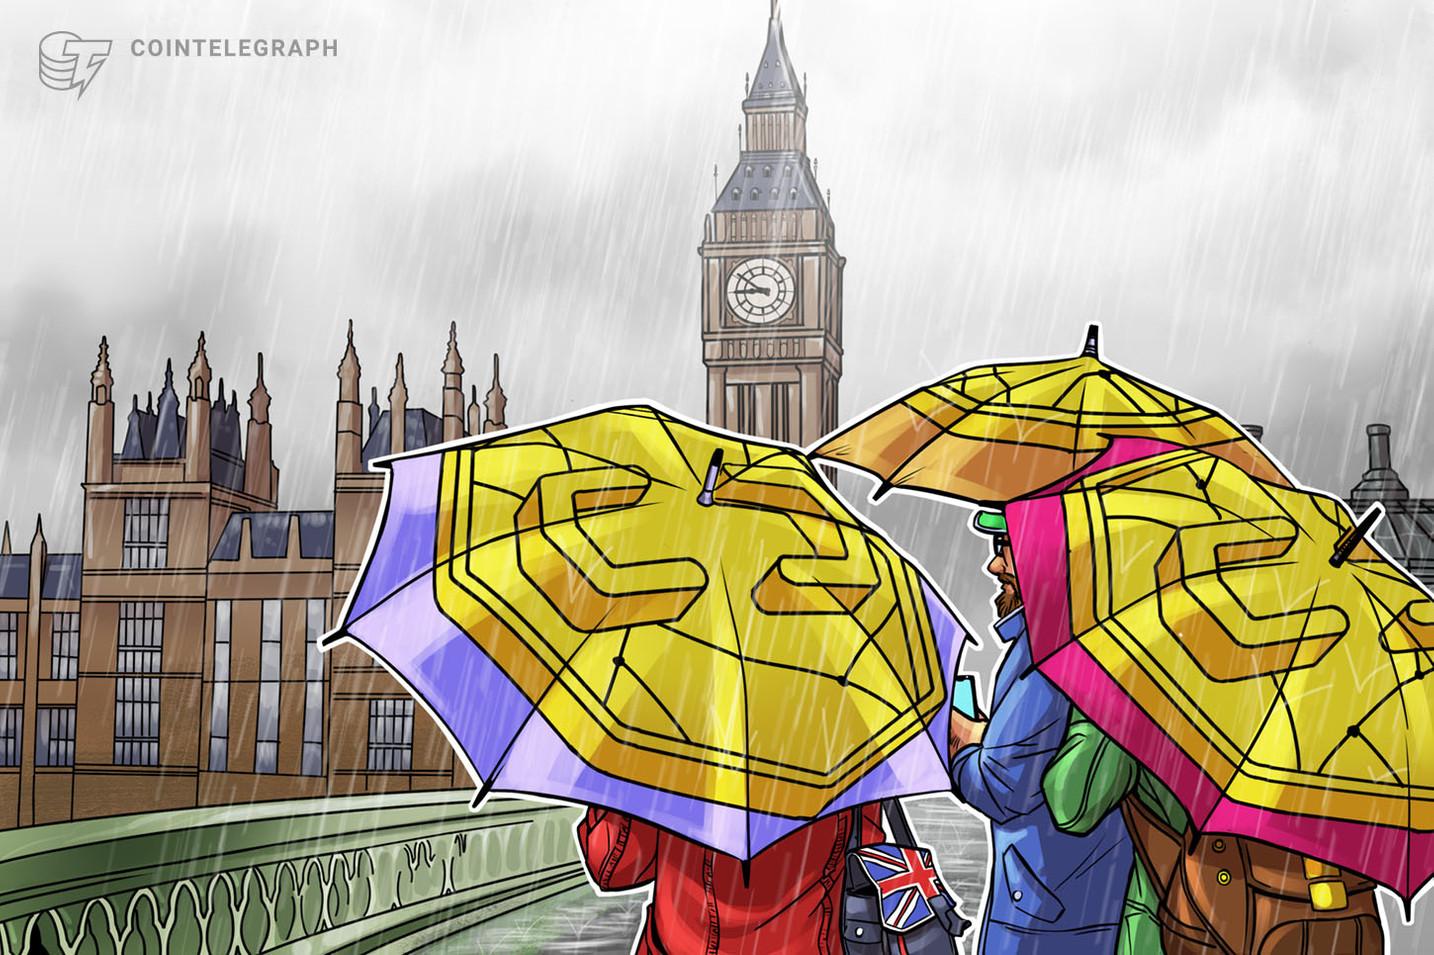 英中央銀行のマイナス金利検討、仮想通貨ビットコインにとって「最高の広告」=ウィンクルボス氏